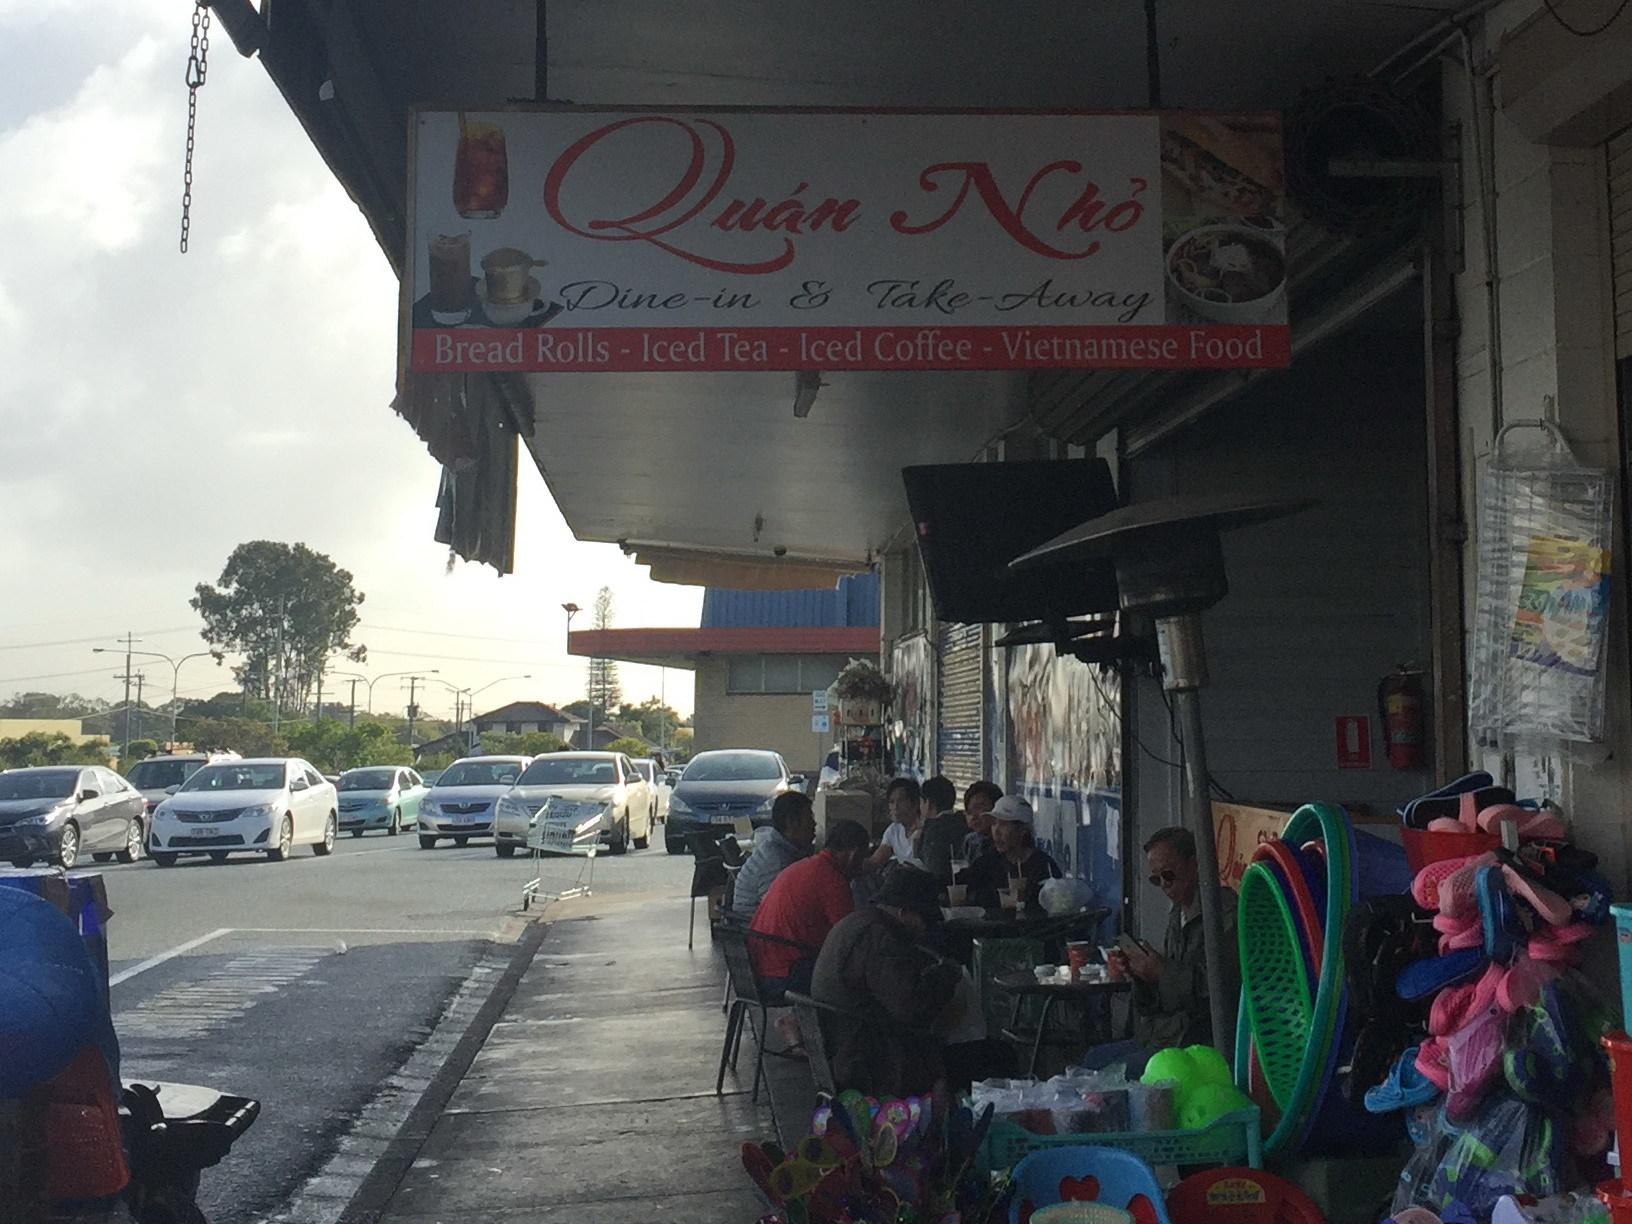 Điều bất ngờ ở Australia qua lời kể du khách Việt